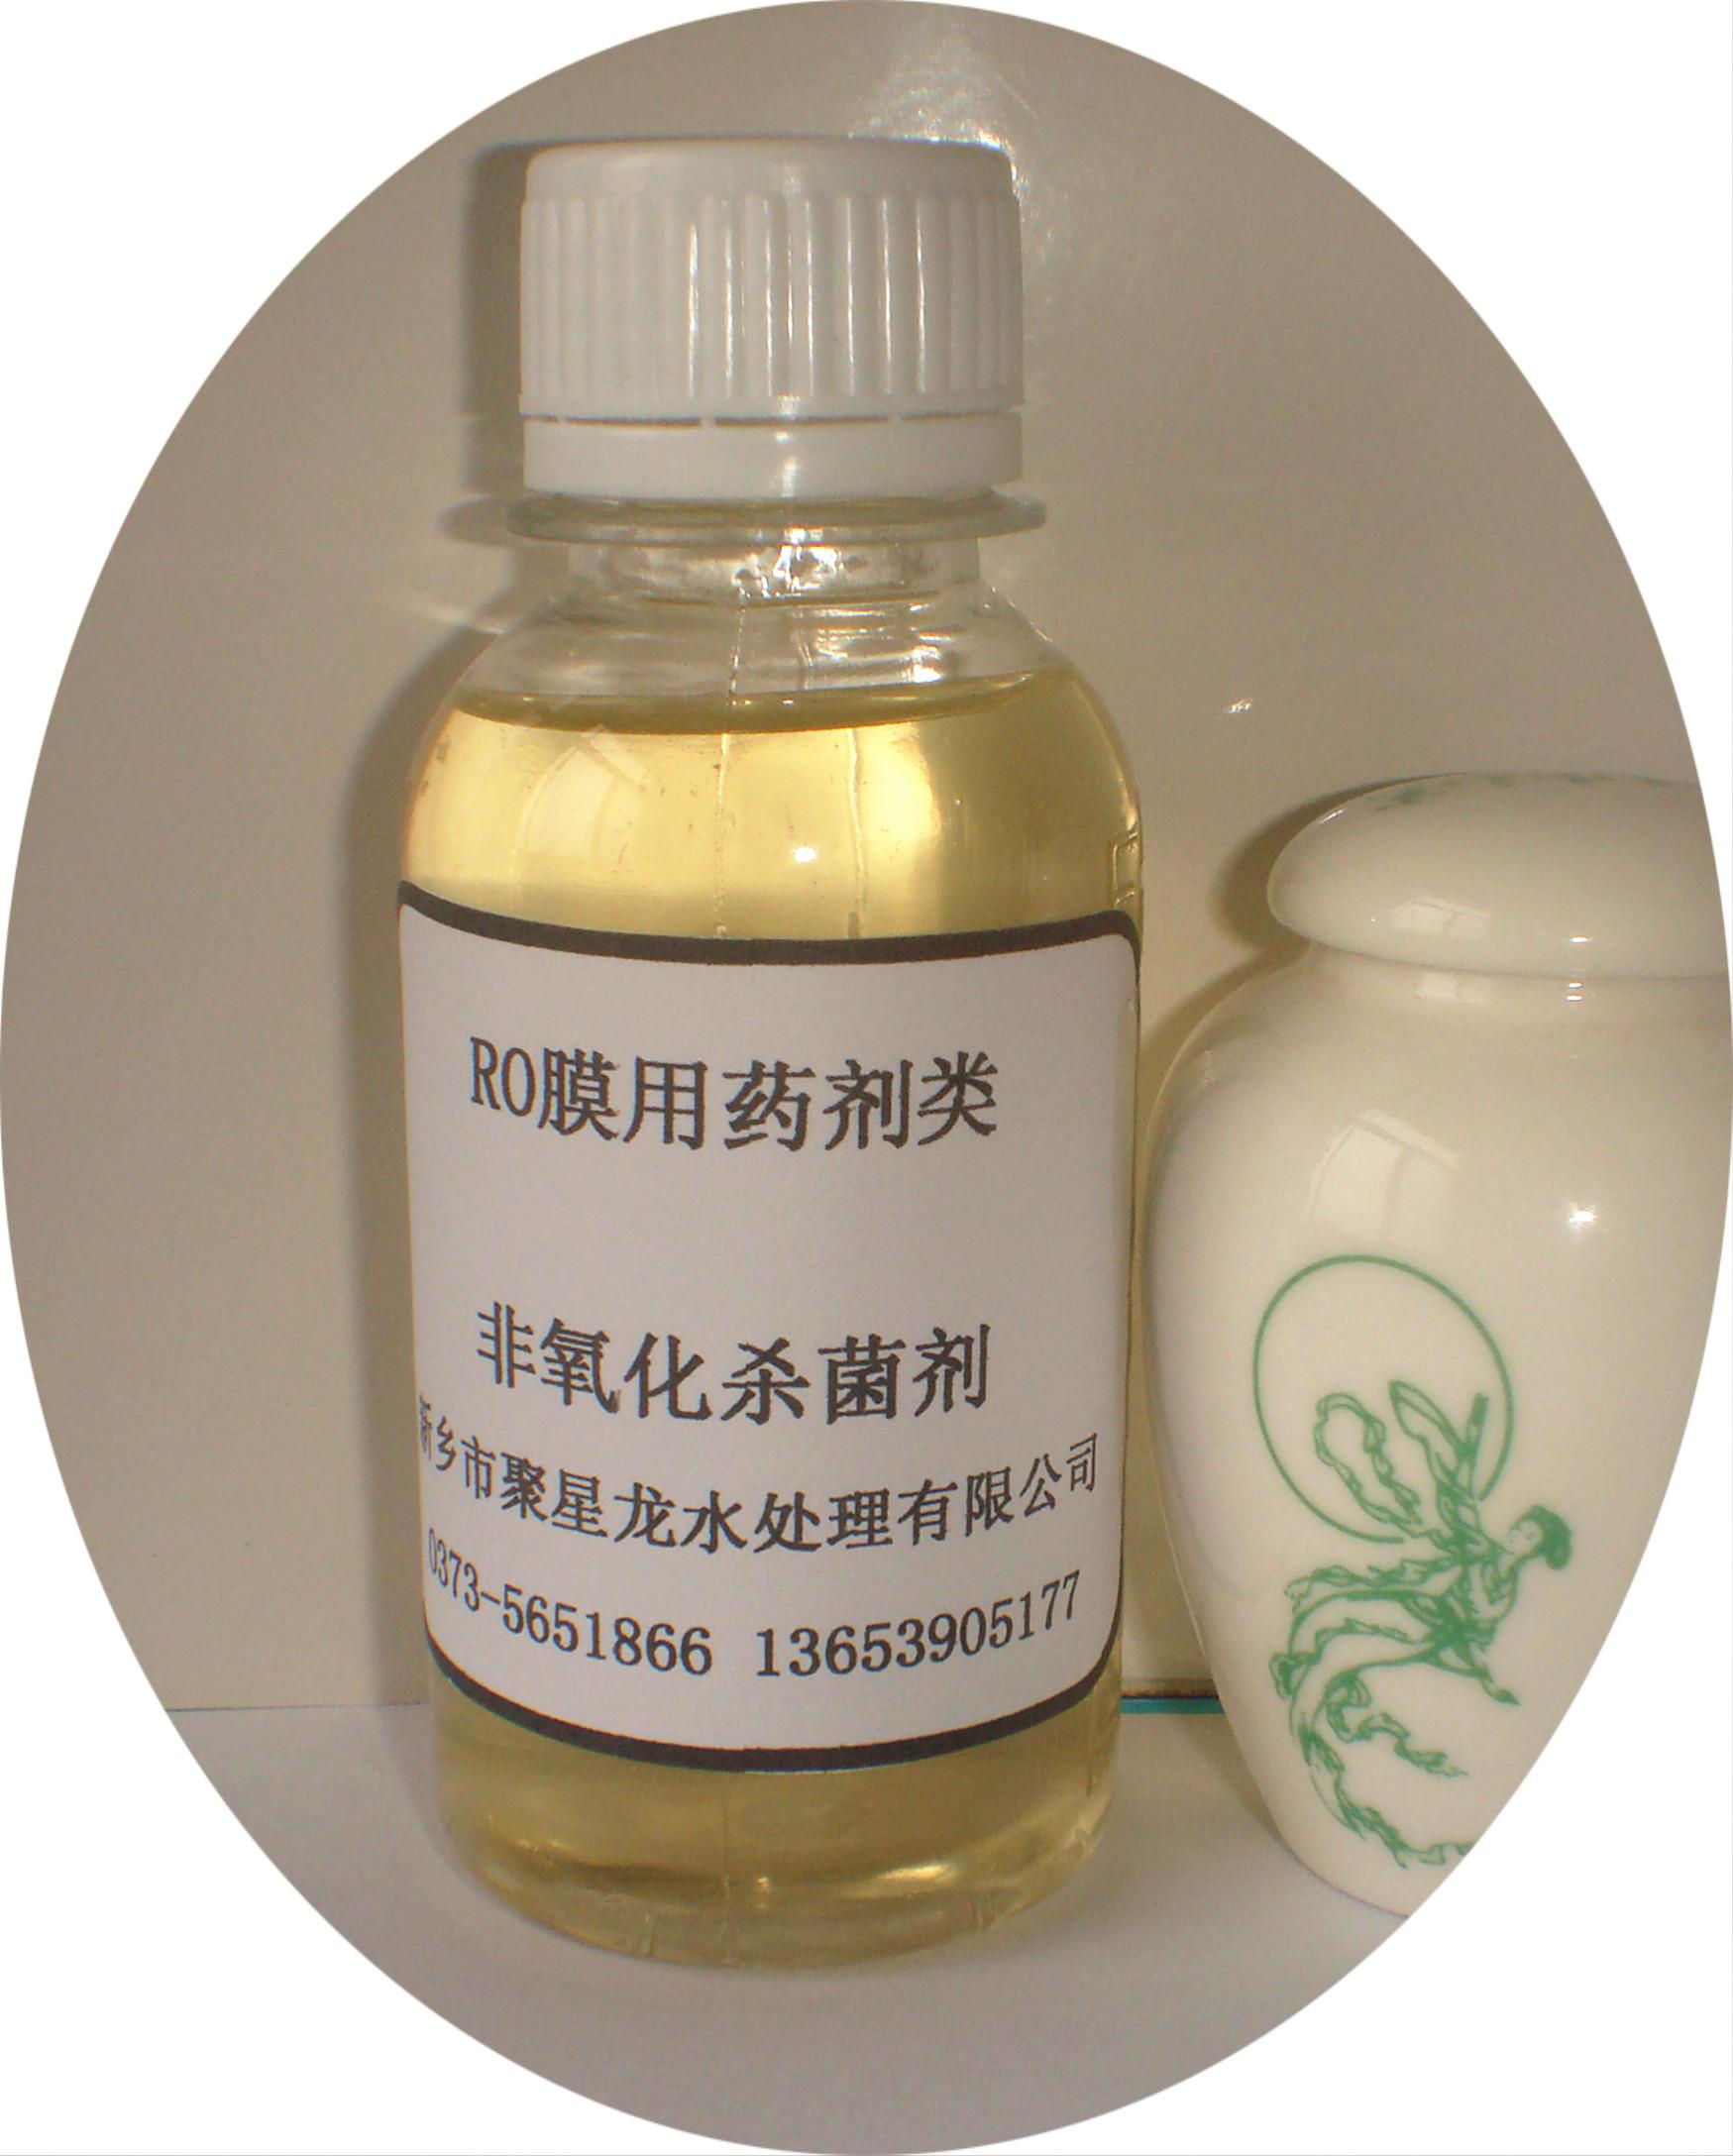 JXL-908 RO专用碱性清洗剂